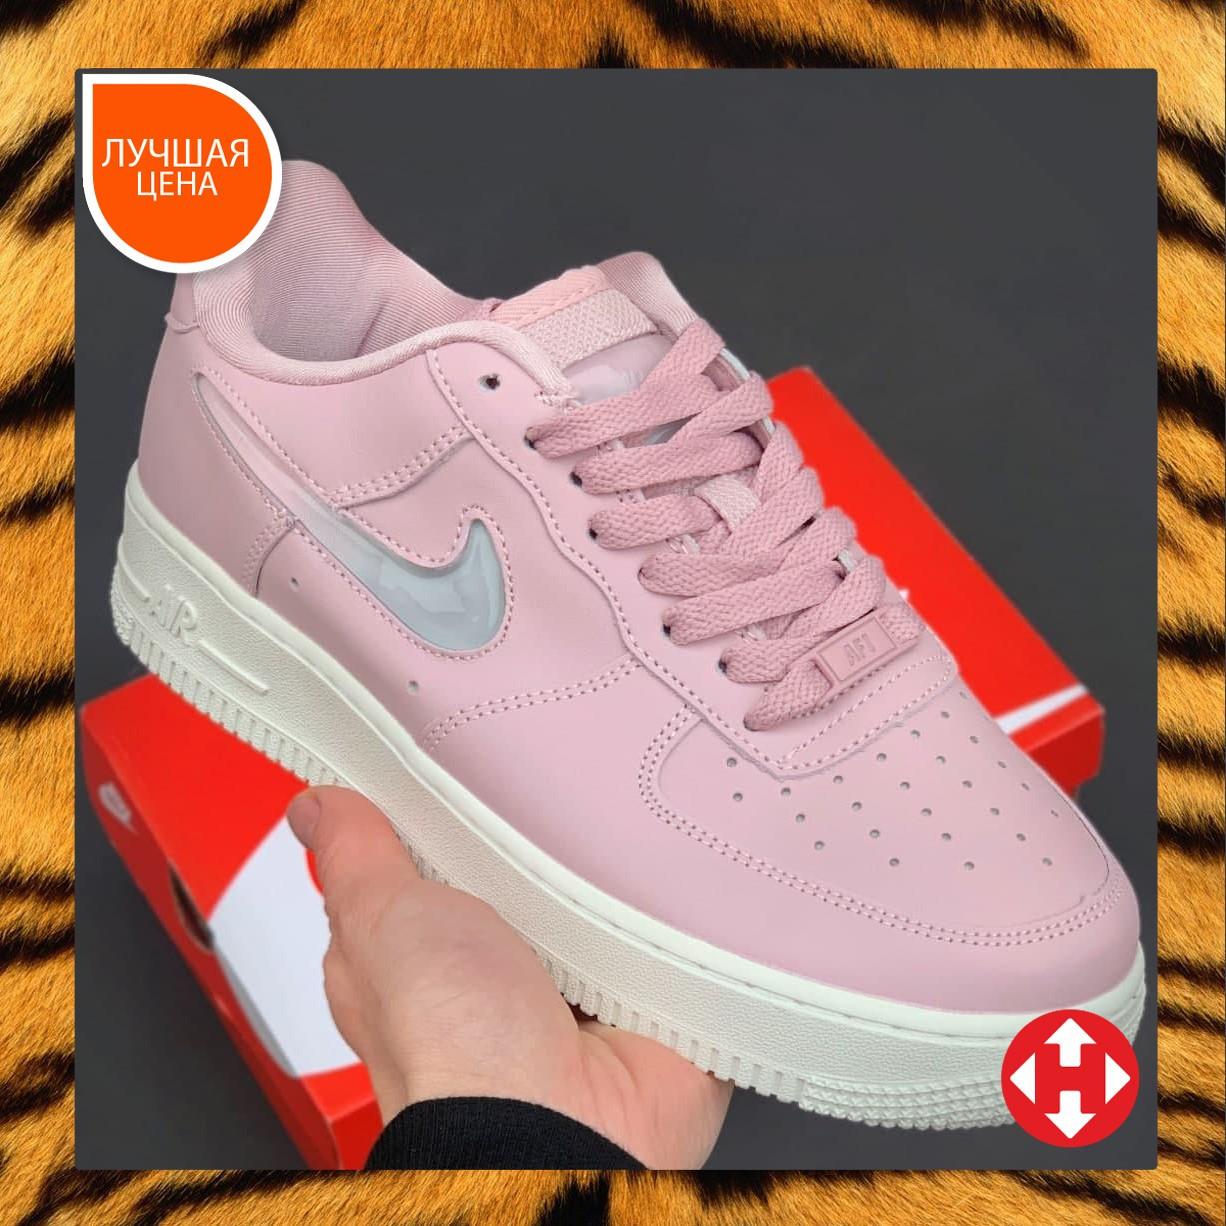 🔥 Кроссовки женские Nike Air Force найк эир форс розовые повседневные спортивные кожаные